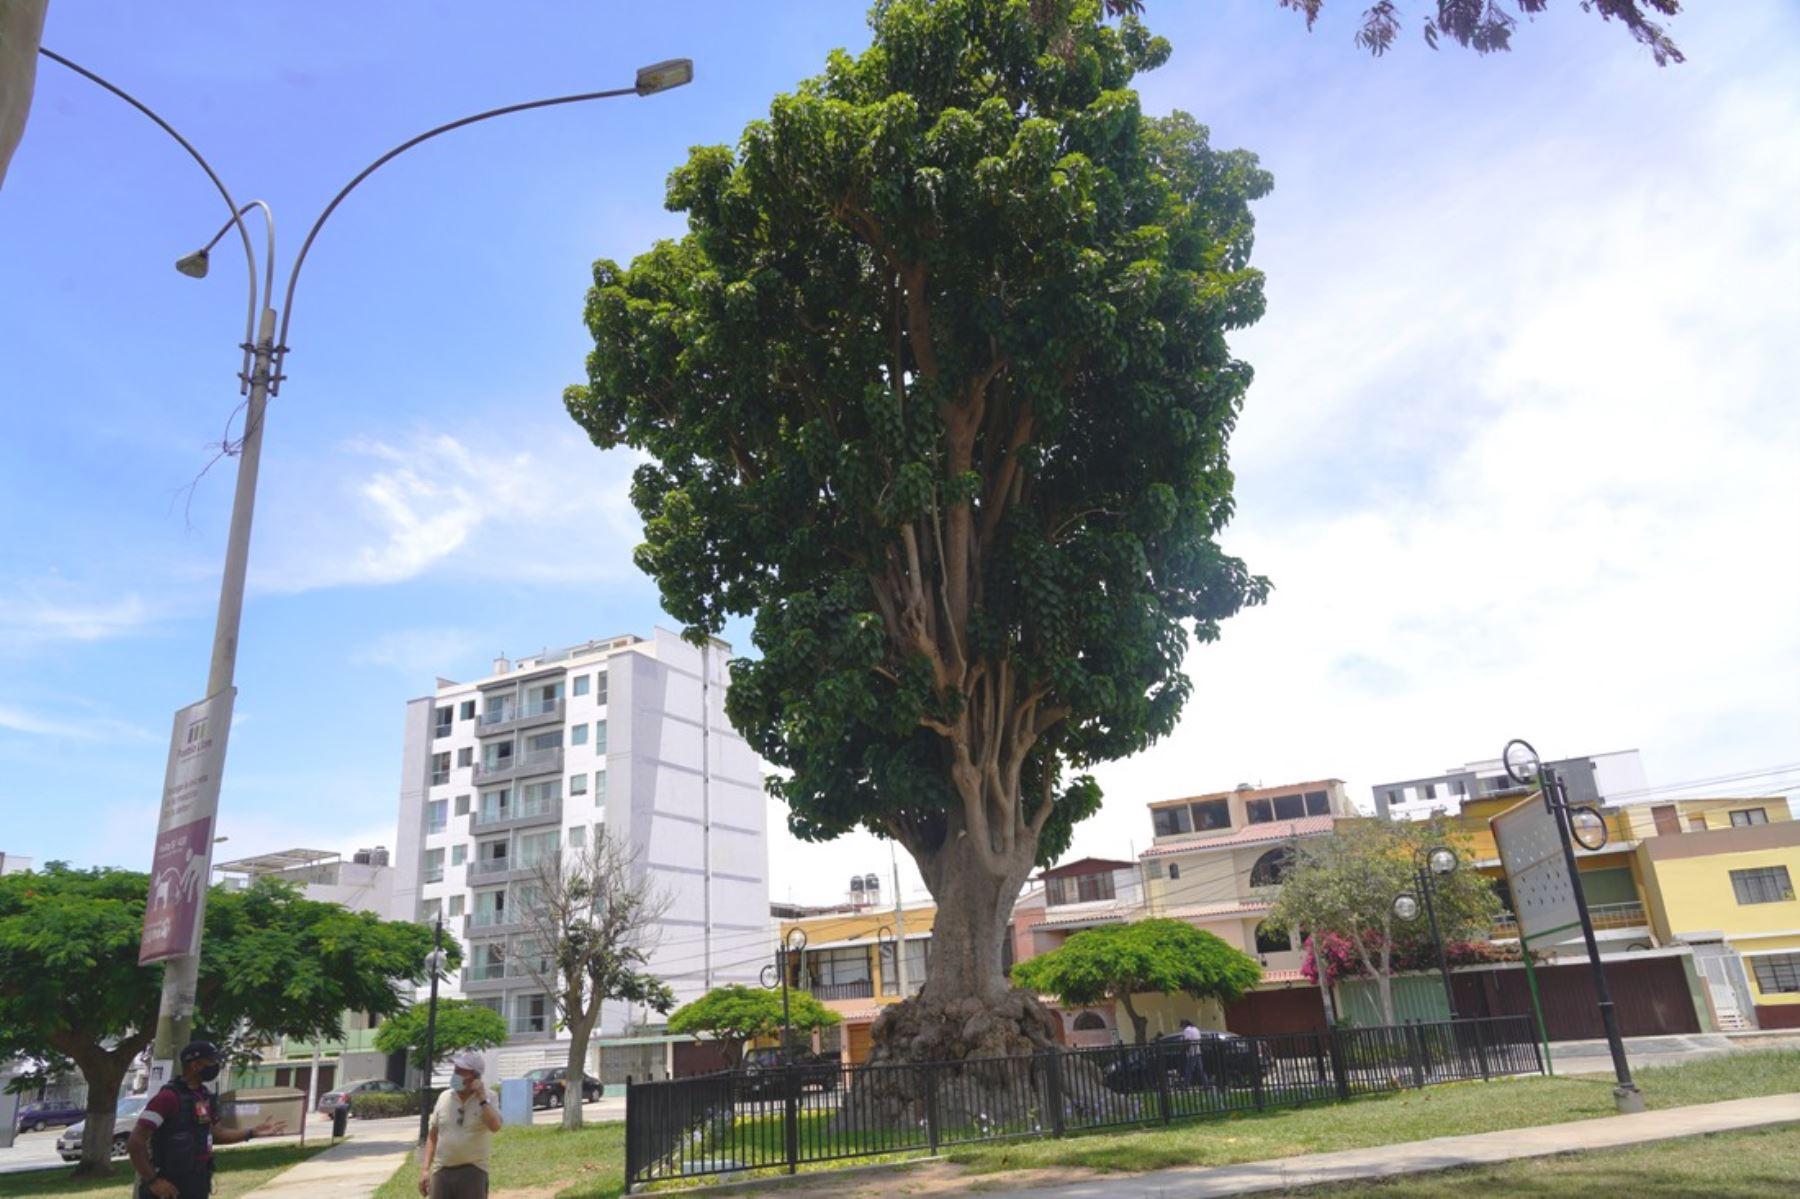 Bicentenario: Pueblo Libre revalora parque donde el libertador San Martín plantó un árbol